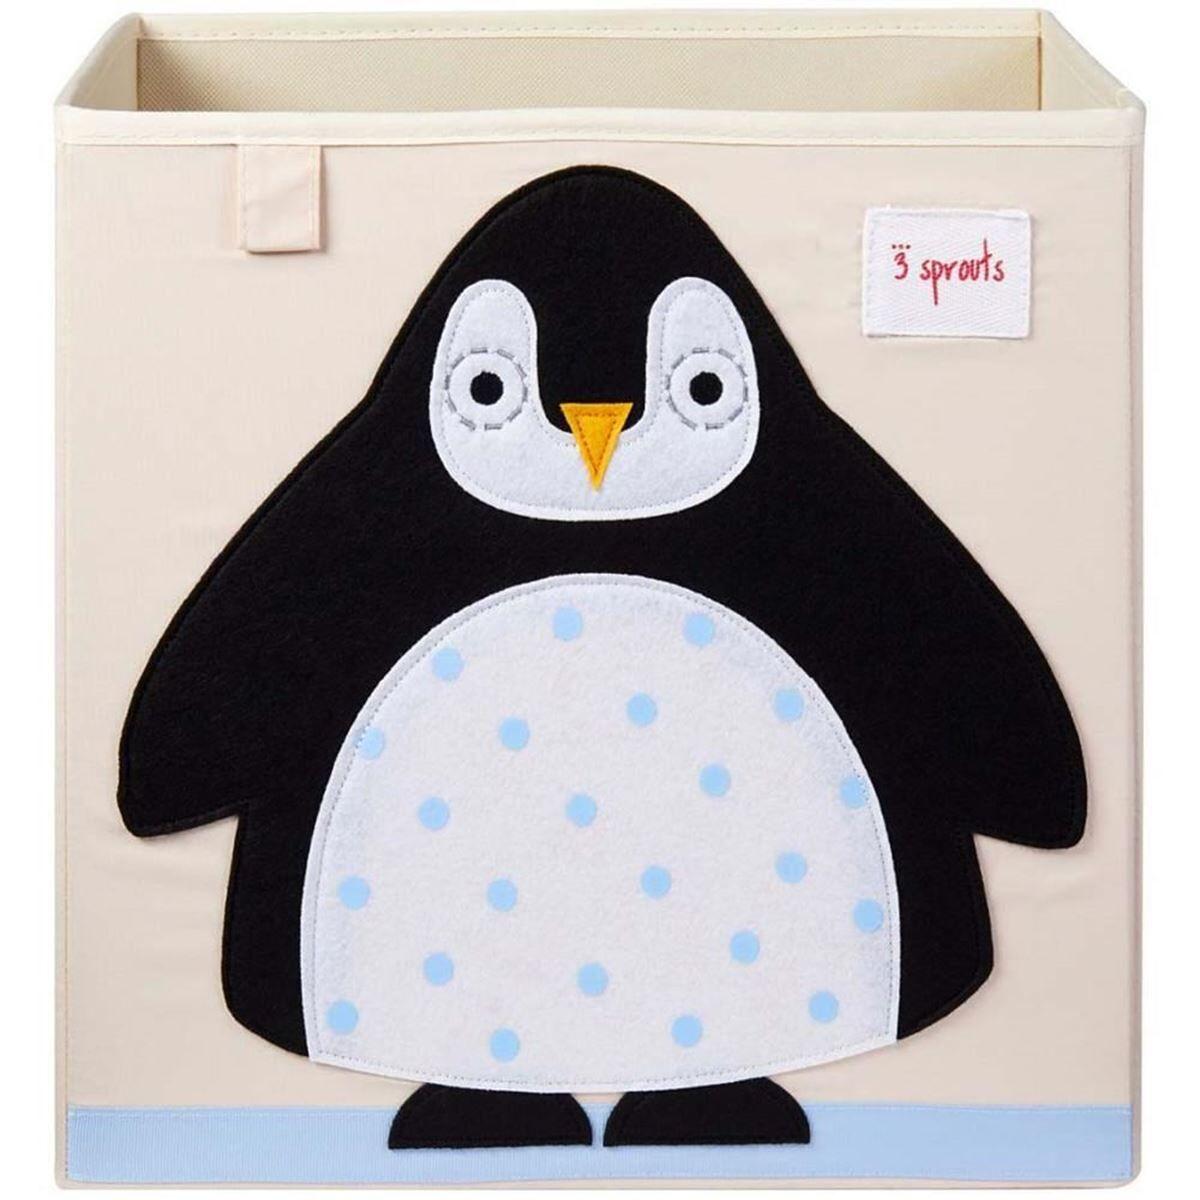 3 Sprouts Oppbevaringskasse, Pingvin